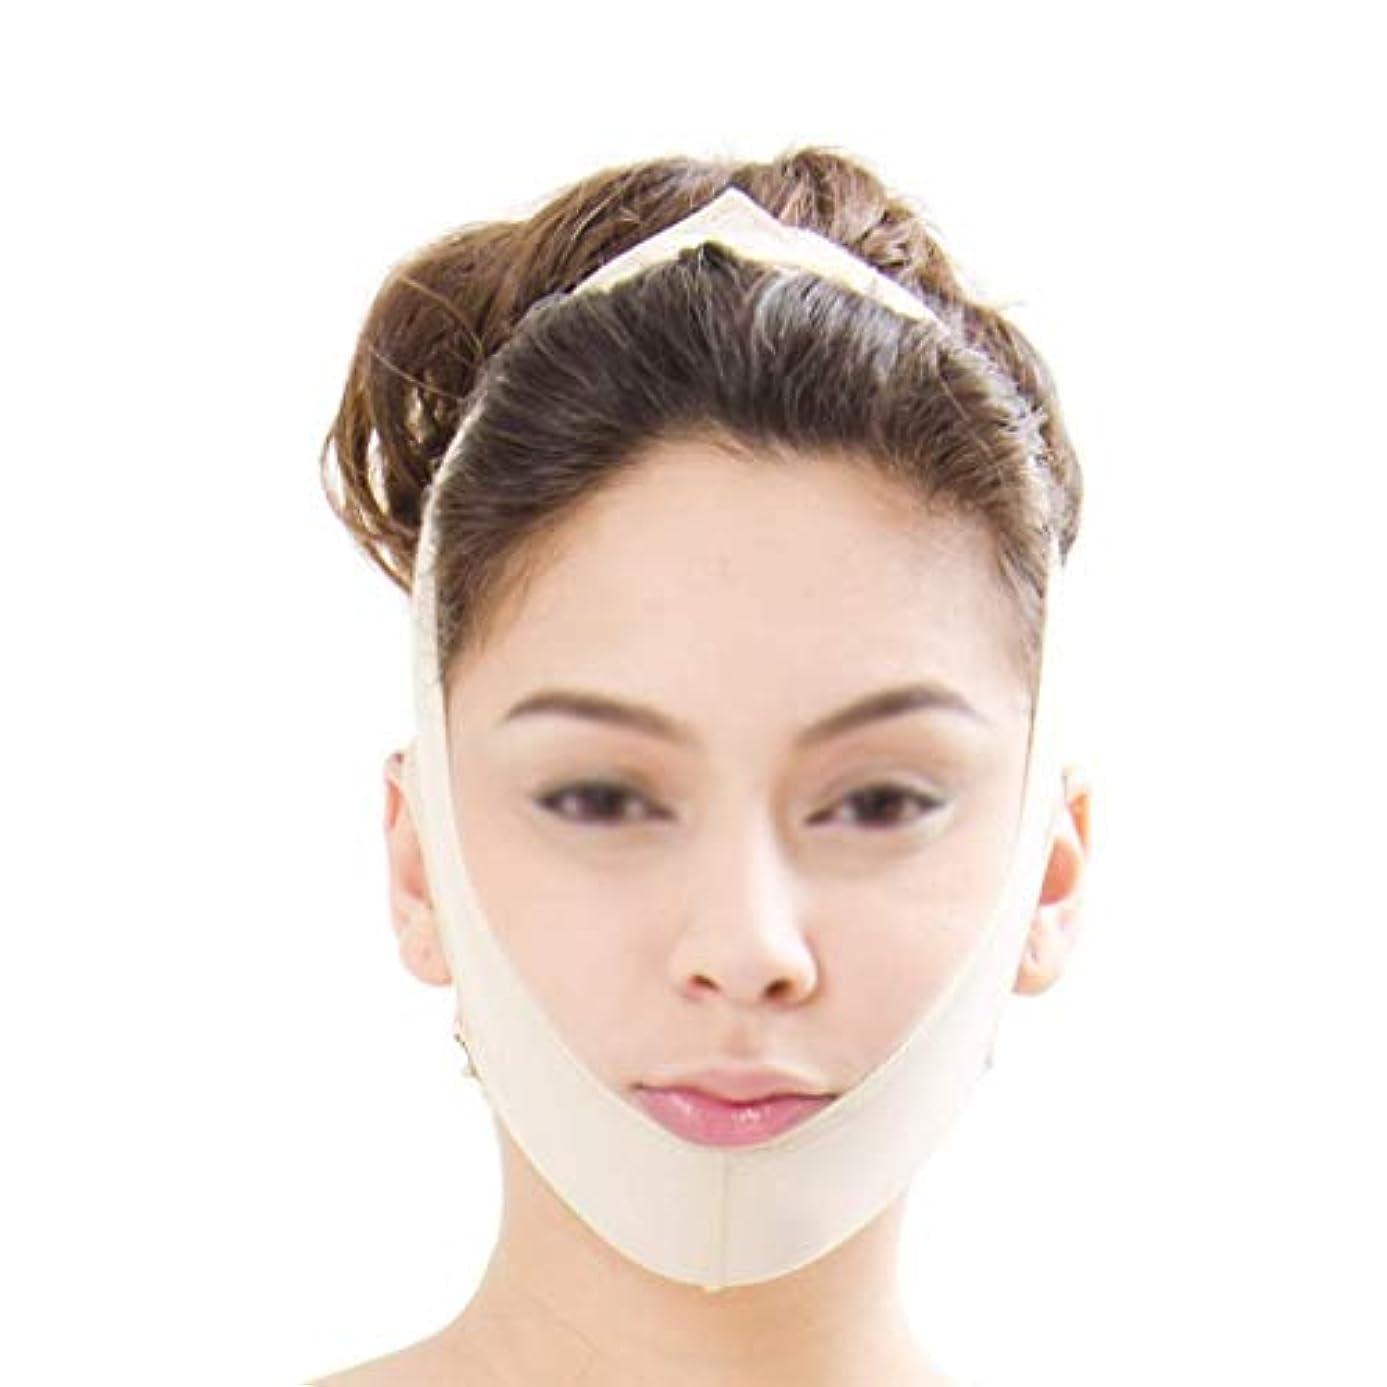 ジャーナルタクトなかなかフェイススリミングバンデージ、フェイスリフティングマスク、フェイスリフティングバンデージ、フェイシャル減量マスク、ダブルチンケア減量(サイズ:M),ザ?